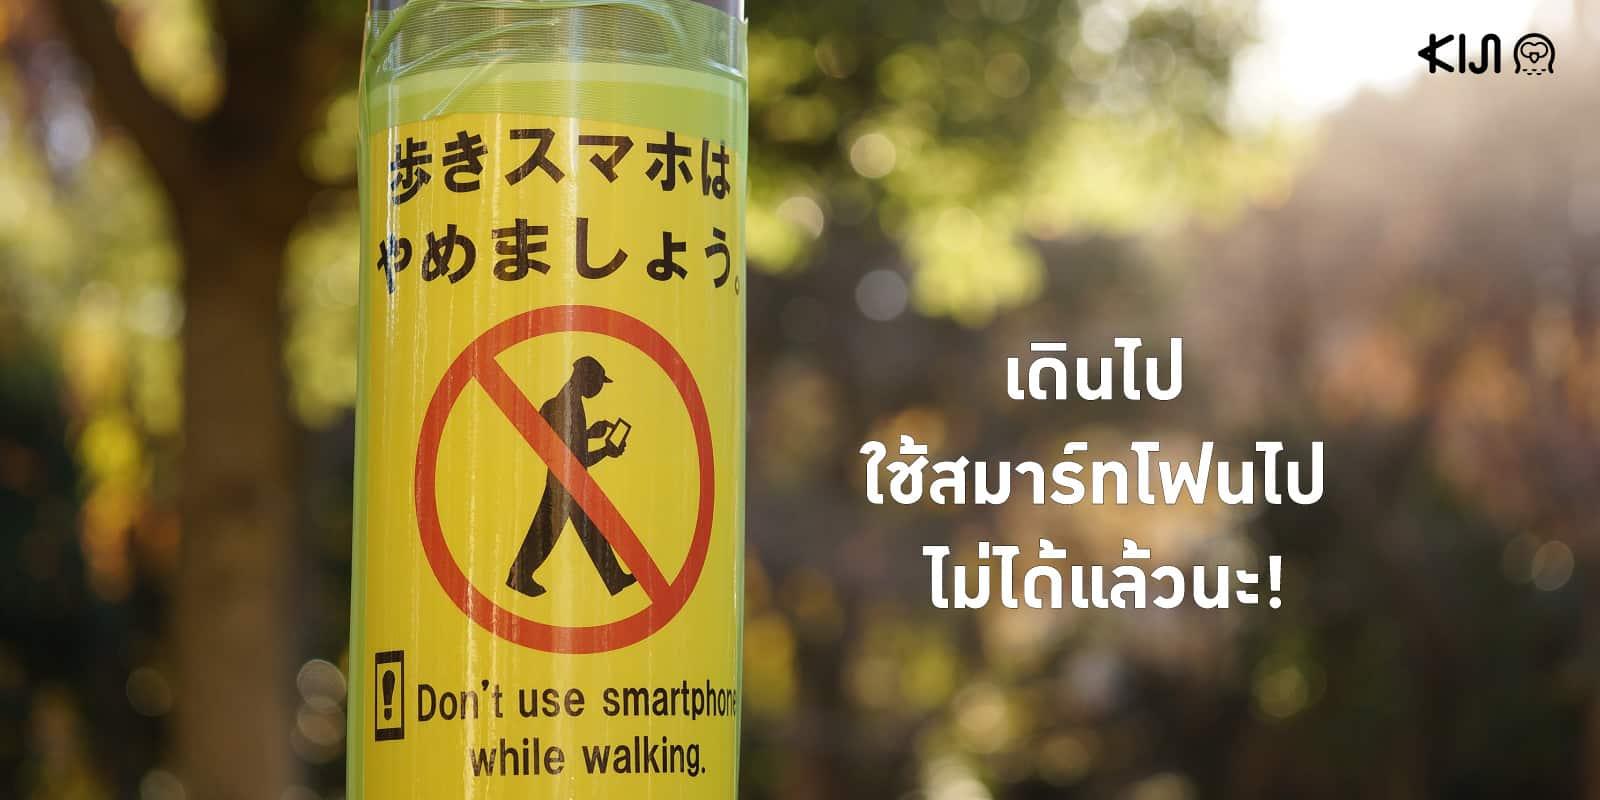 ยามาโตะ คานางาวะ ญี่ปุ่น กฎหมาย ห้ามใช้ สมาร์ทโฟน ขณะเดิน